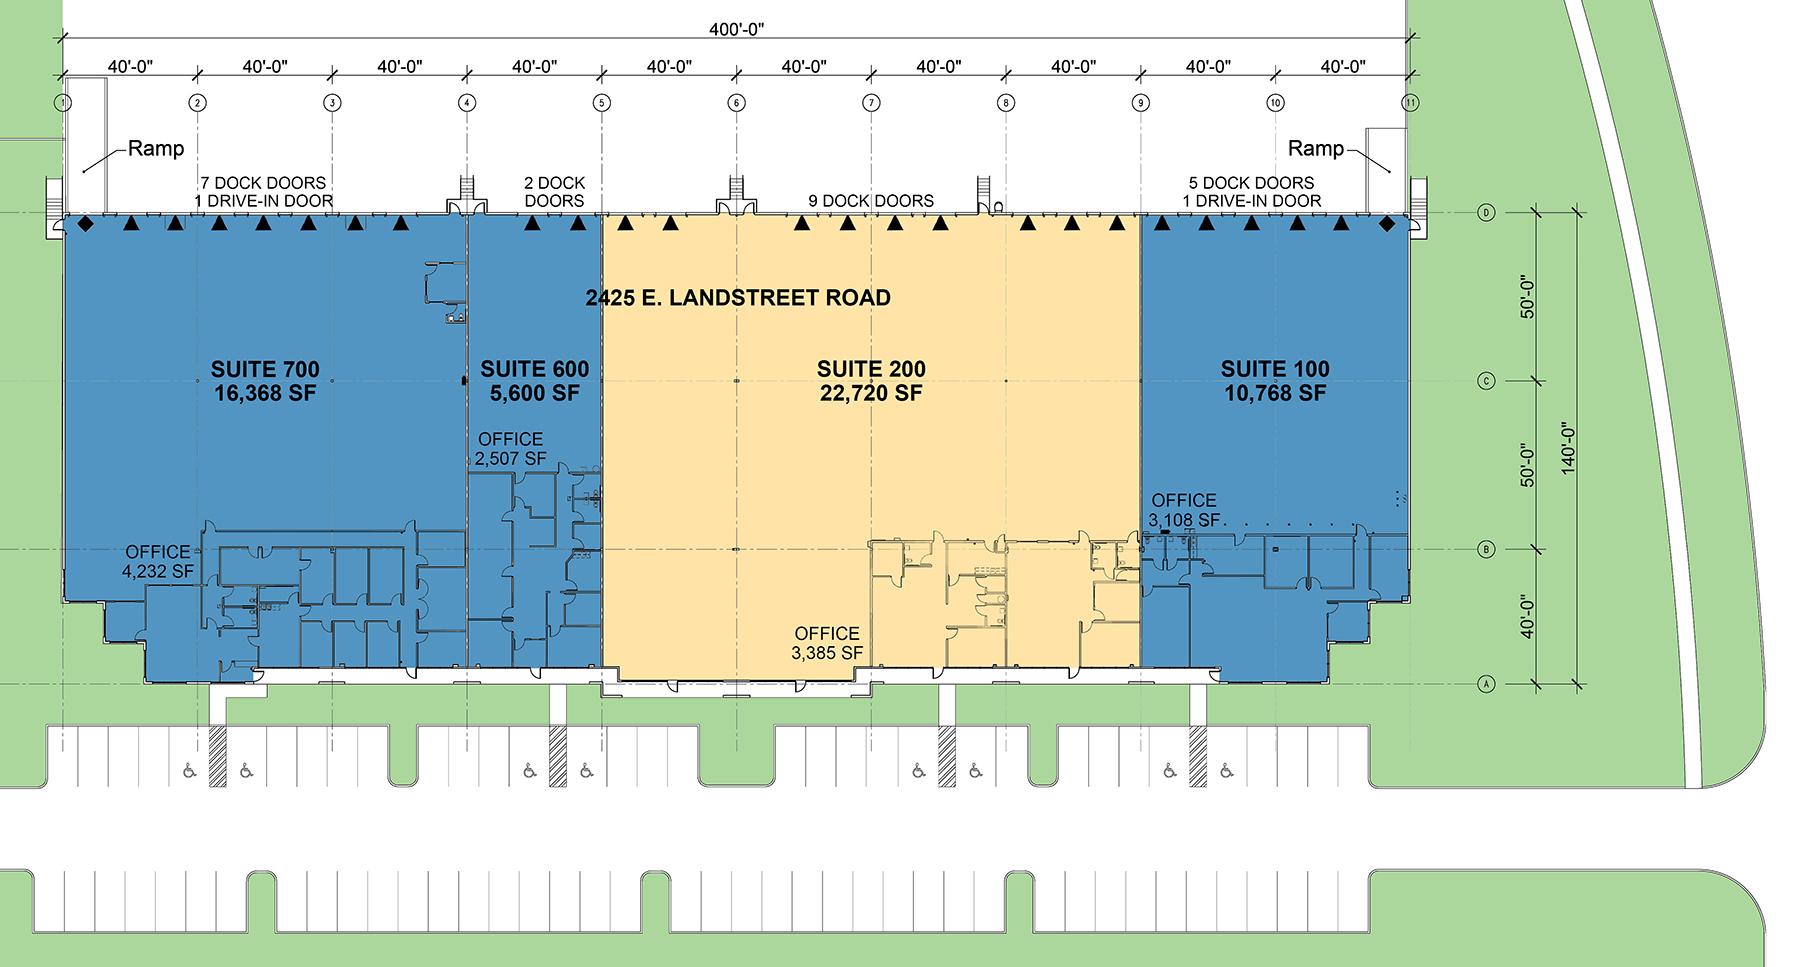 DPM-Prologis-Airport-DC_2425-E-Landstreet-Rd-100_Flyer-Plan.jpg